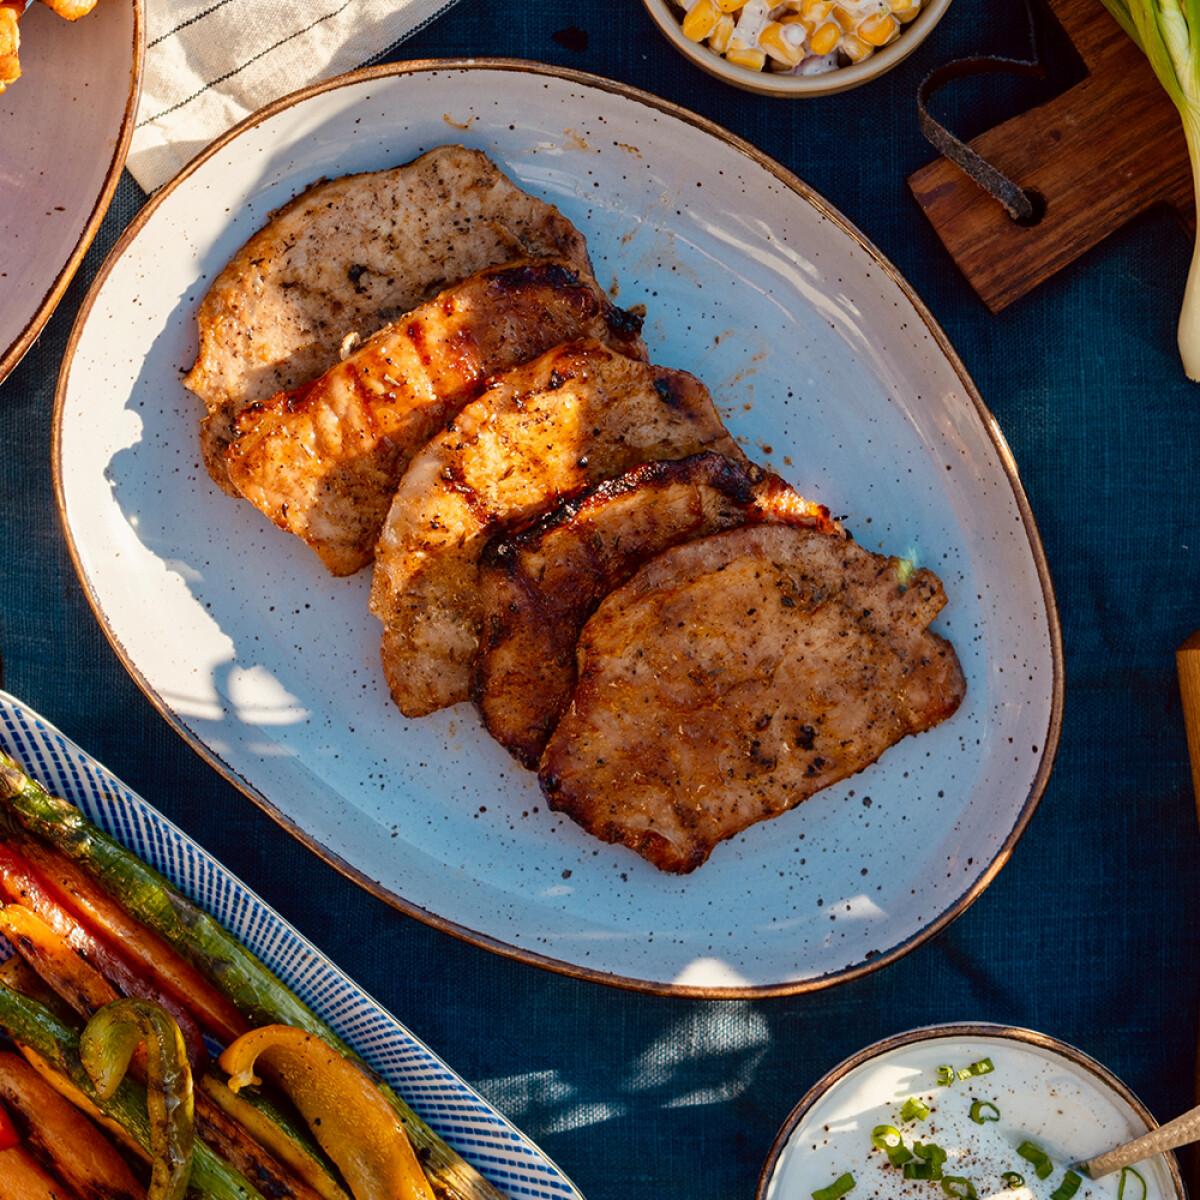 Ezen a képen: Juharszirupos-whiskeys sertéskaraj színes, marinált grillzöldségekkel